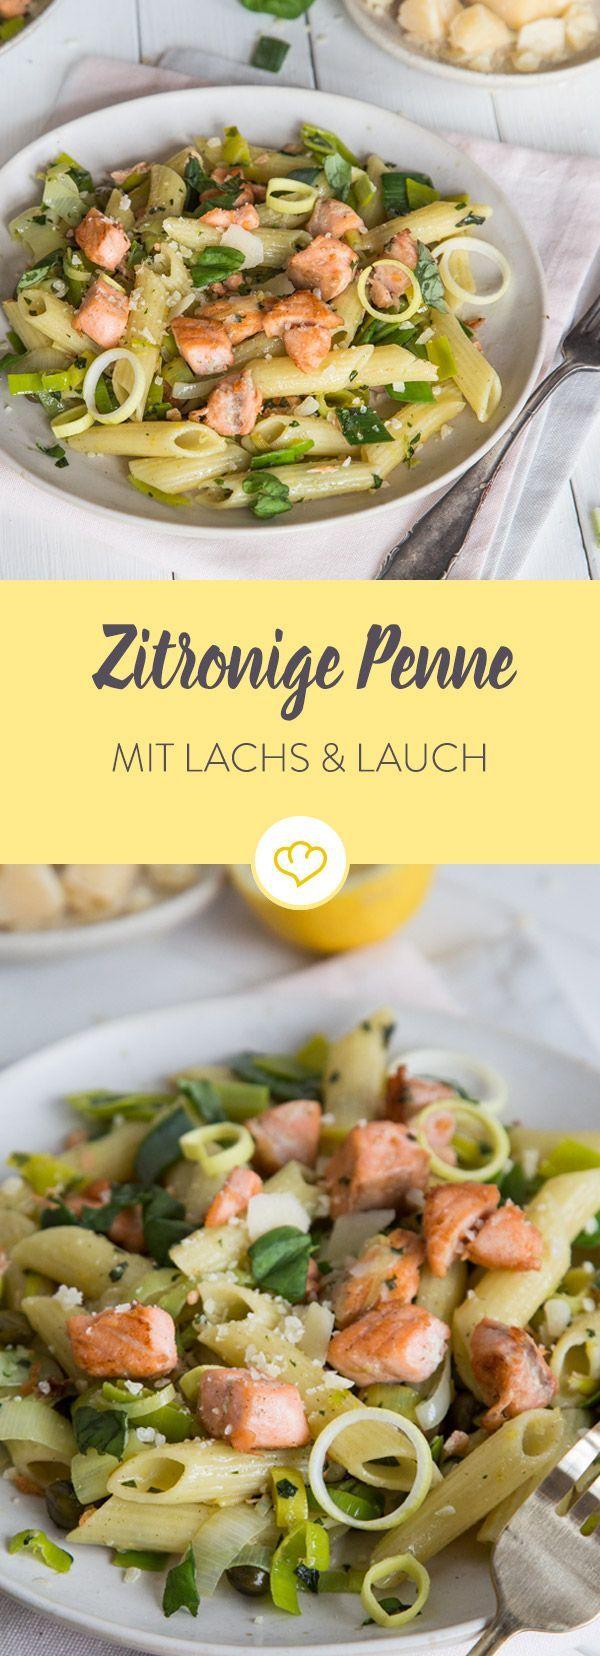 Zeit für Pasta: Zitronige Penne mit Lachs und Lauch #vegetarischerezepte